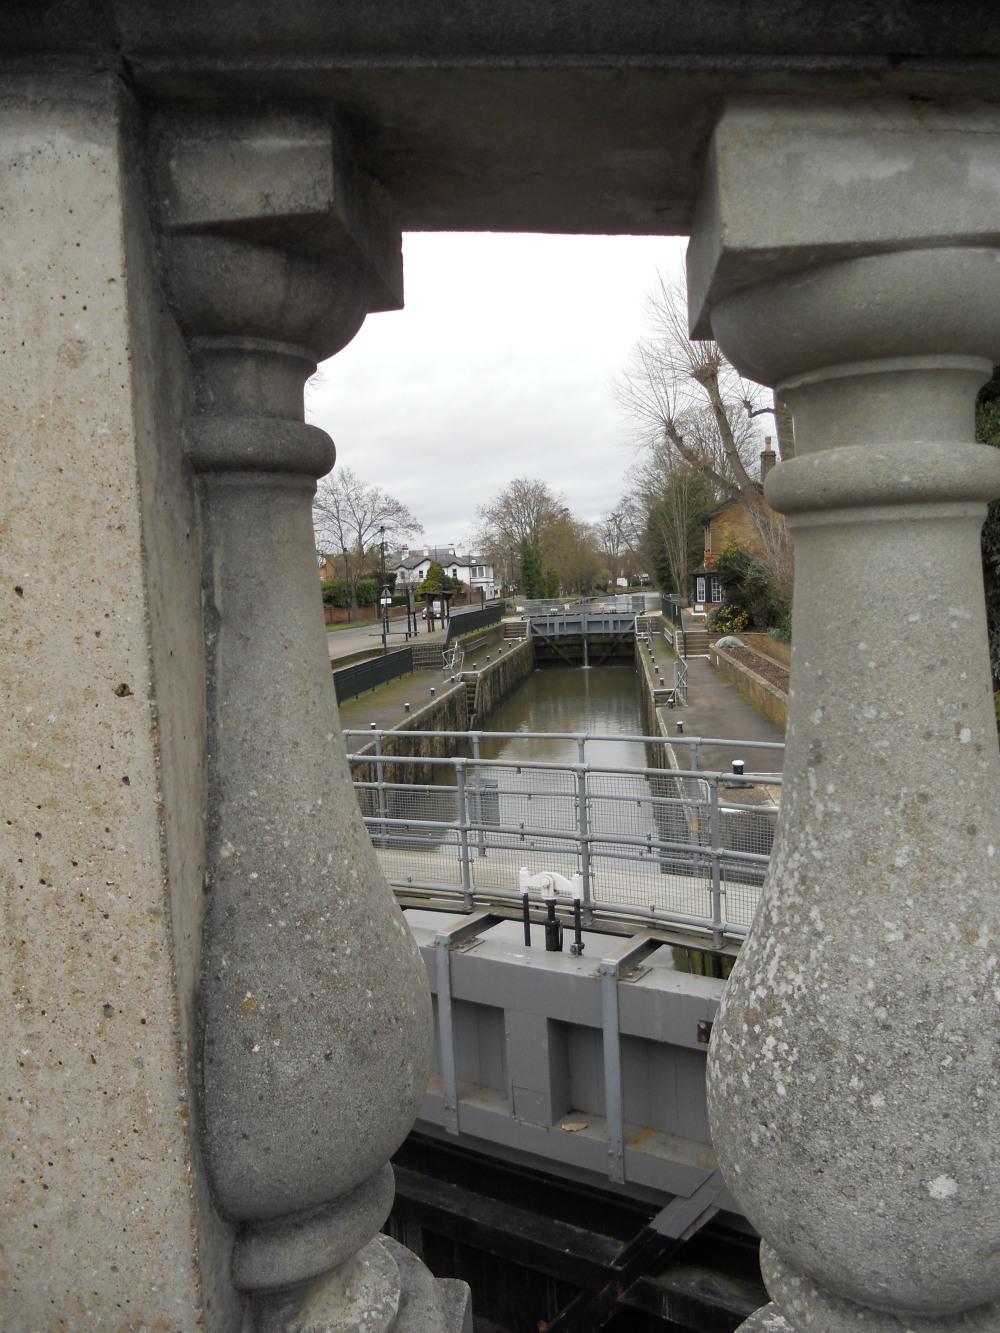 Boulters Lock through the bridge